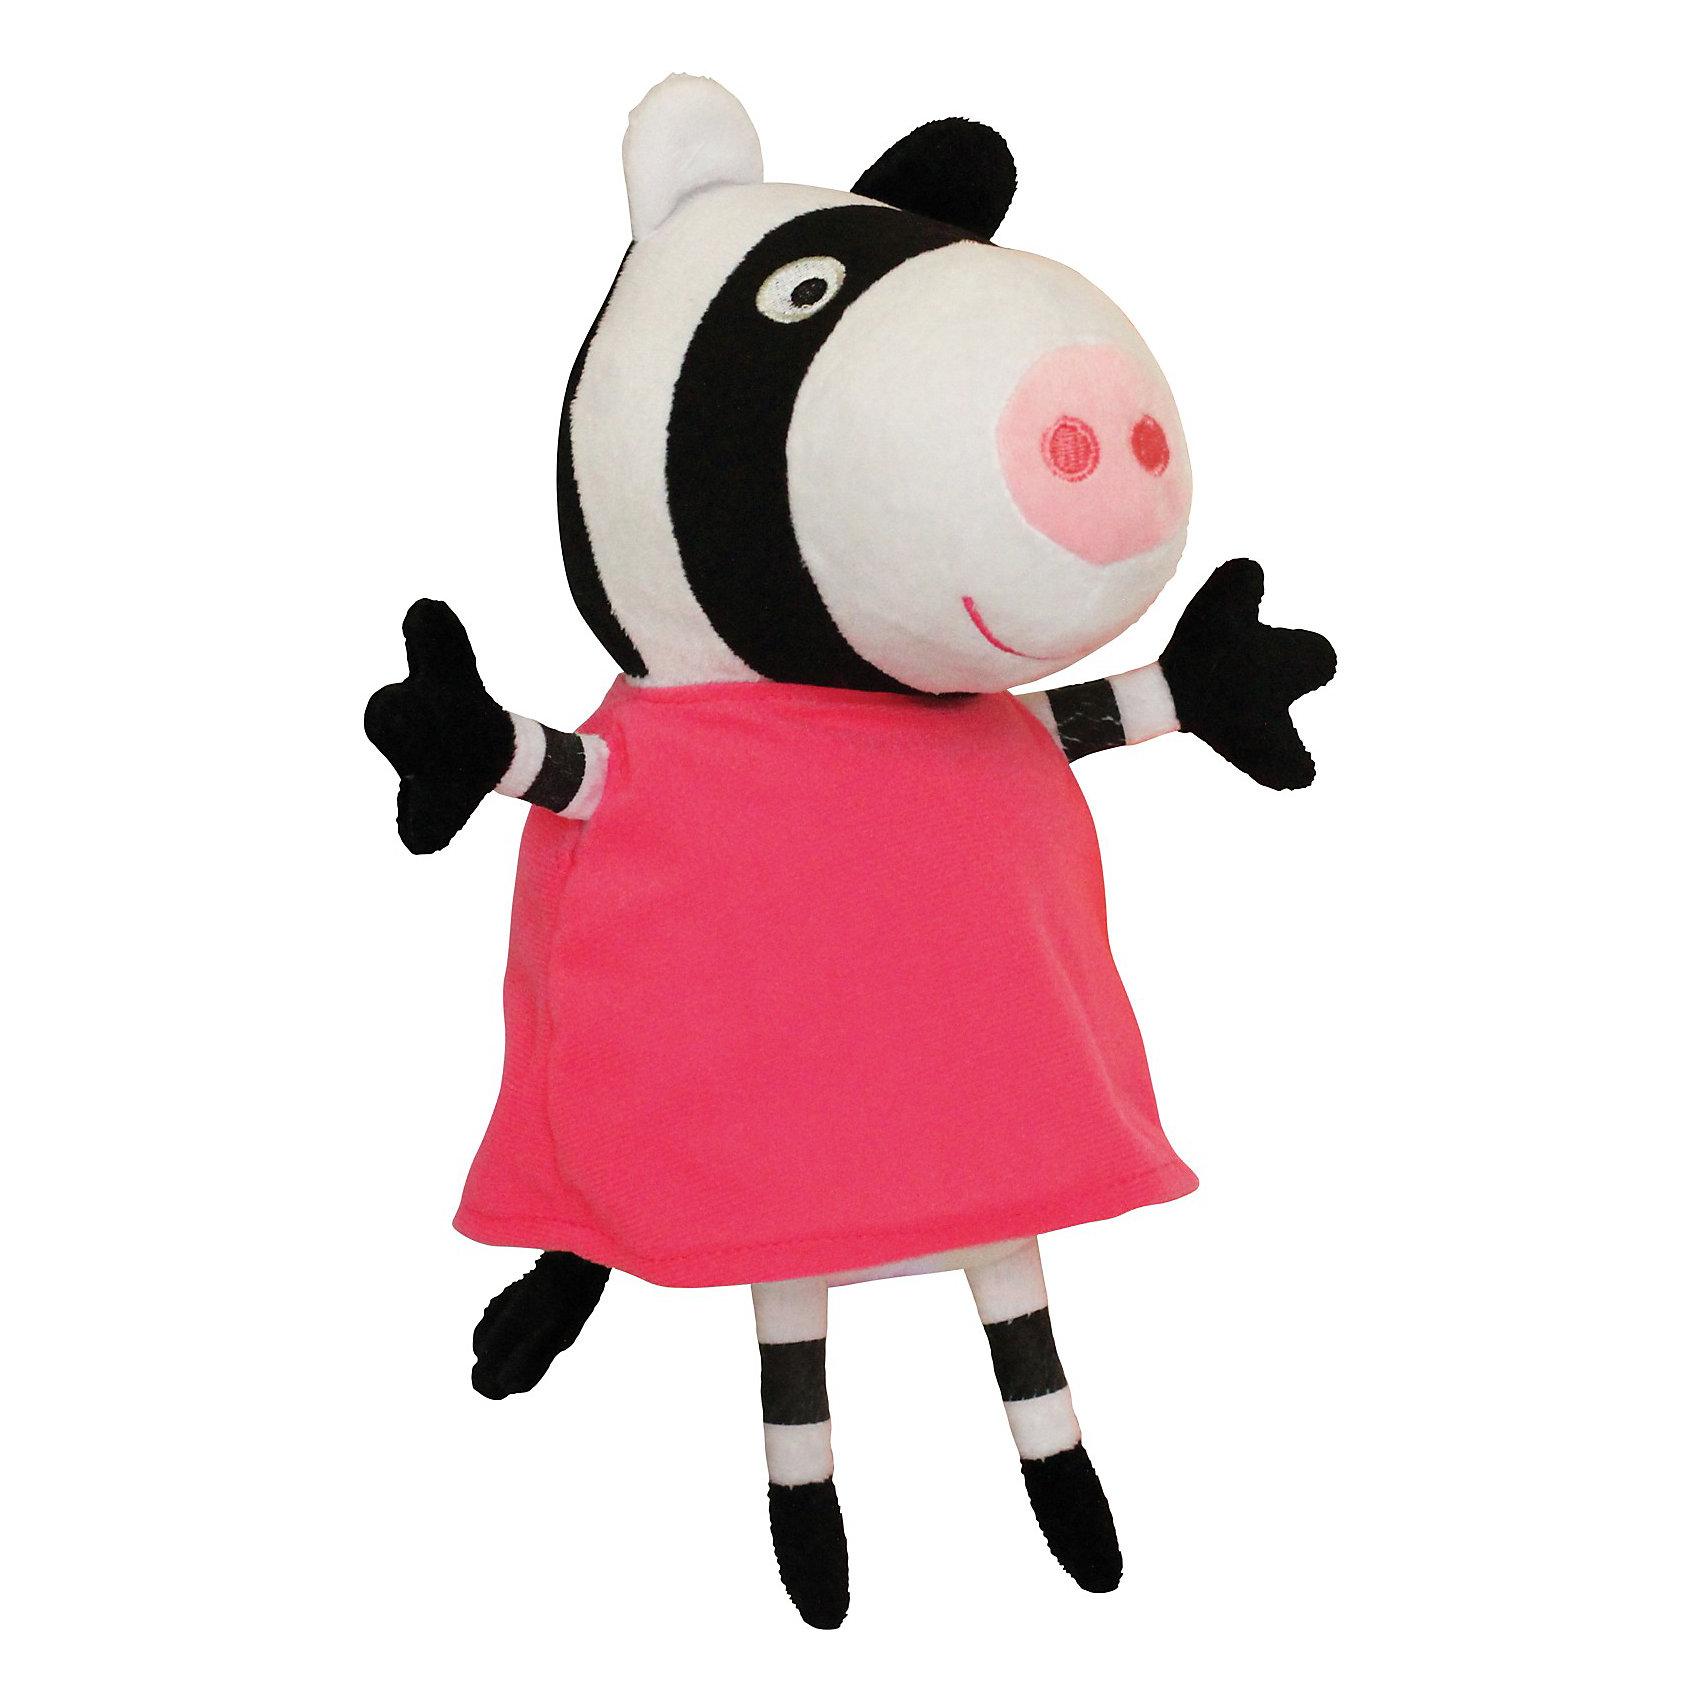 Игрушка  Зебра Зои, 20 см, Свинка ПеппаМягкая Игрушка  Зебра Зои  Свинка Пеппа (Peppa Pig ) понравится любой малышке. Она составит компанию в игре, на прогулке или в детском саду, разделит с малюткой безмятежные сновидения во время отдыха. Зои одета в яркое розовое платьице, которое можно легко снимать и одевать. Эта очаровательная мягкая игрушка очень приятна на ощупь, так как изготовлена из велюровой ткани и плотно набита.  Изготовленная из высококачественных гипоаллергенных материалов, она абсолютно безопасна для детей.<br><br>Дополнительная информация: <br> <br>- Материал: текстиль, синтепон.<br>- Размер: 20 см (с ножками).<br>- Цвет: белый, черный, розовый.<br><br>Игрушку Зебра Зои, 20 см, Свинка Пеппа (Peppa Pig ) можно купить в нашем магазине.<br><br>Ширина мм: 100<br>Глубина мм: 80<br>Высота мм: 200<br>Вес г: 70<br>Возраст от месяцев: 36<br>Возраст до месяцев: 2147483647<br>Пол: Унисекс<br>Возраст: Детский<br>SKU: 3905902